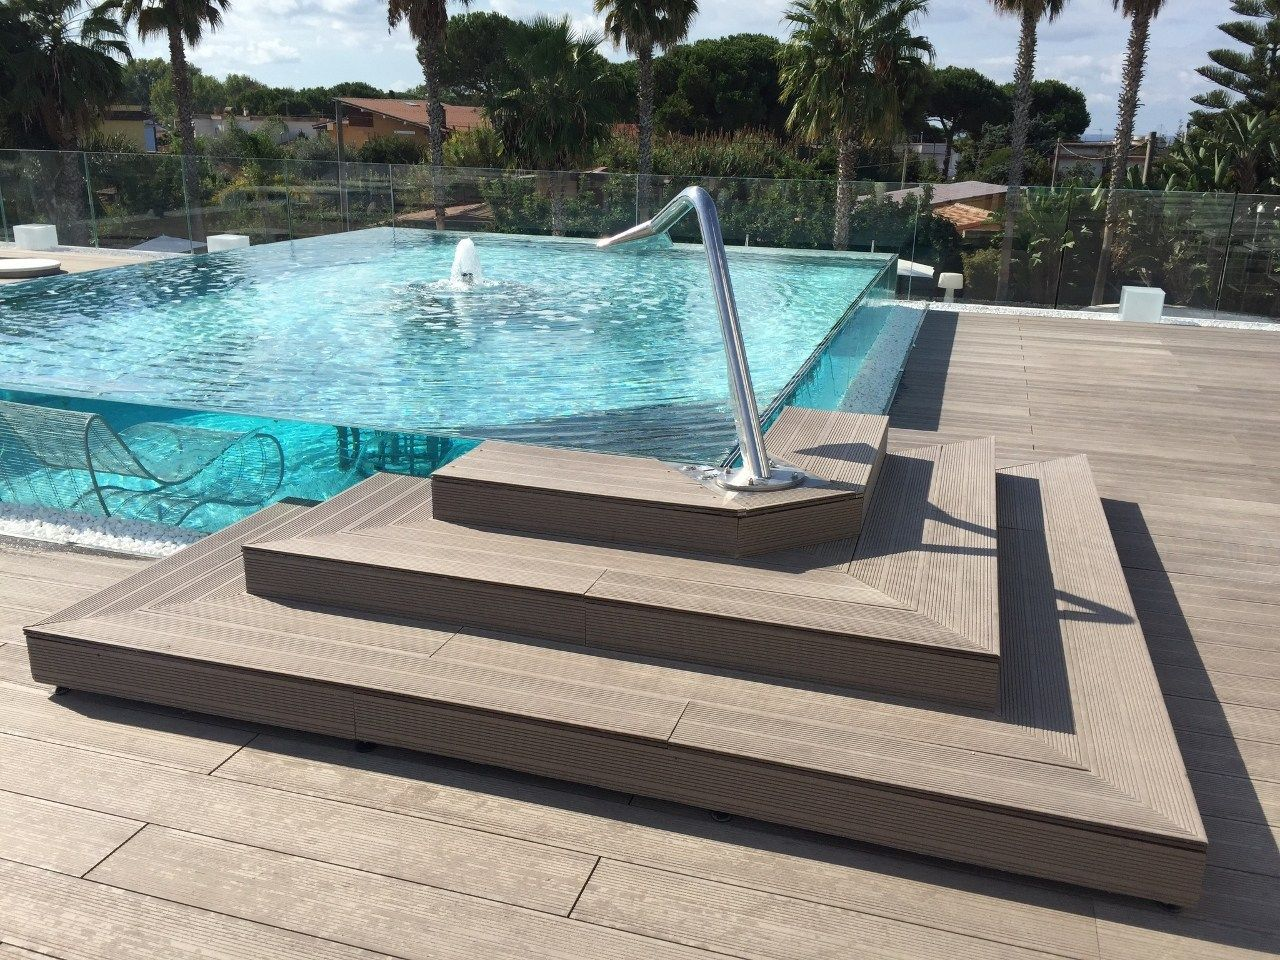 Nuovo look per il mec paestum hotel - Piastrelle per piscina ...